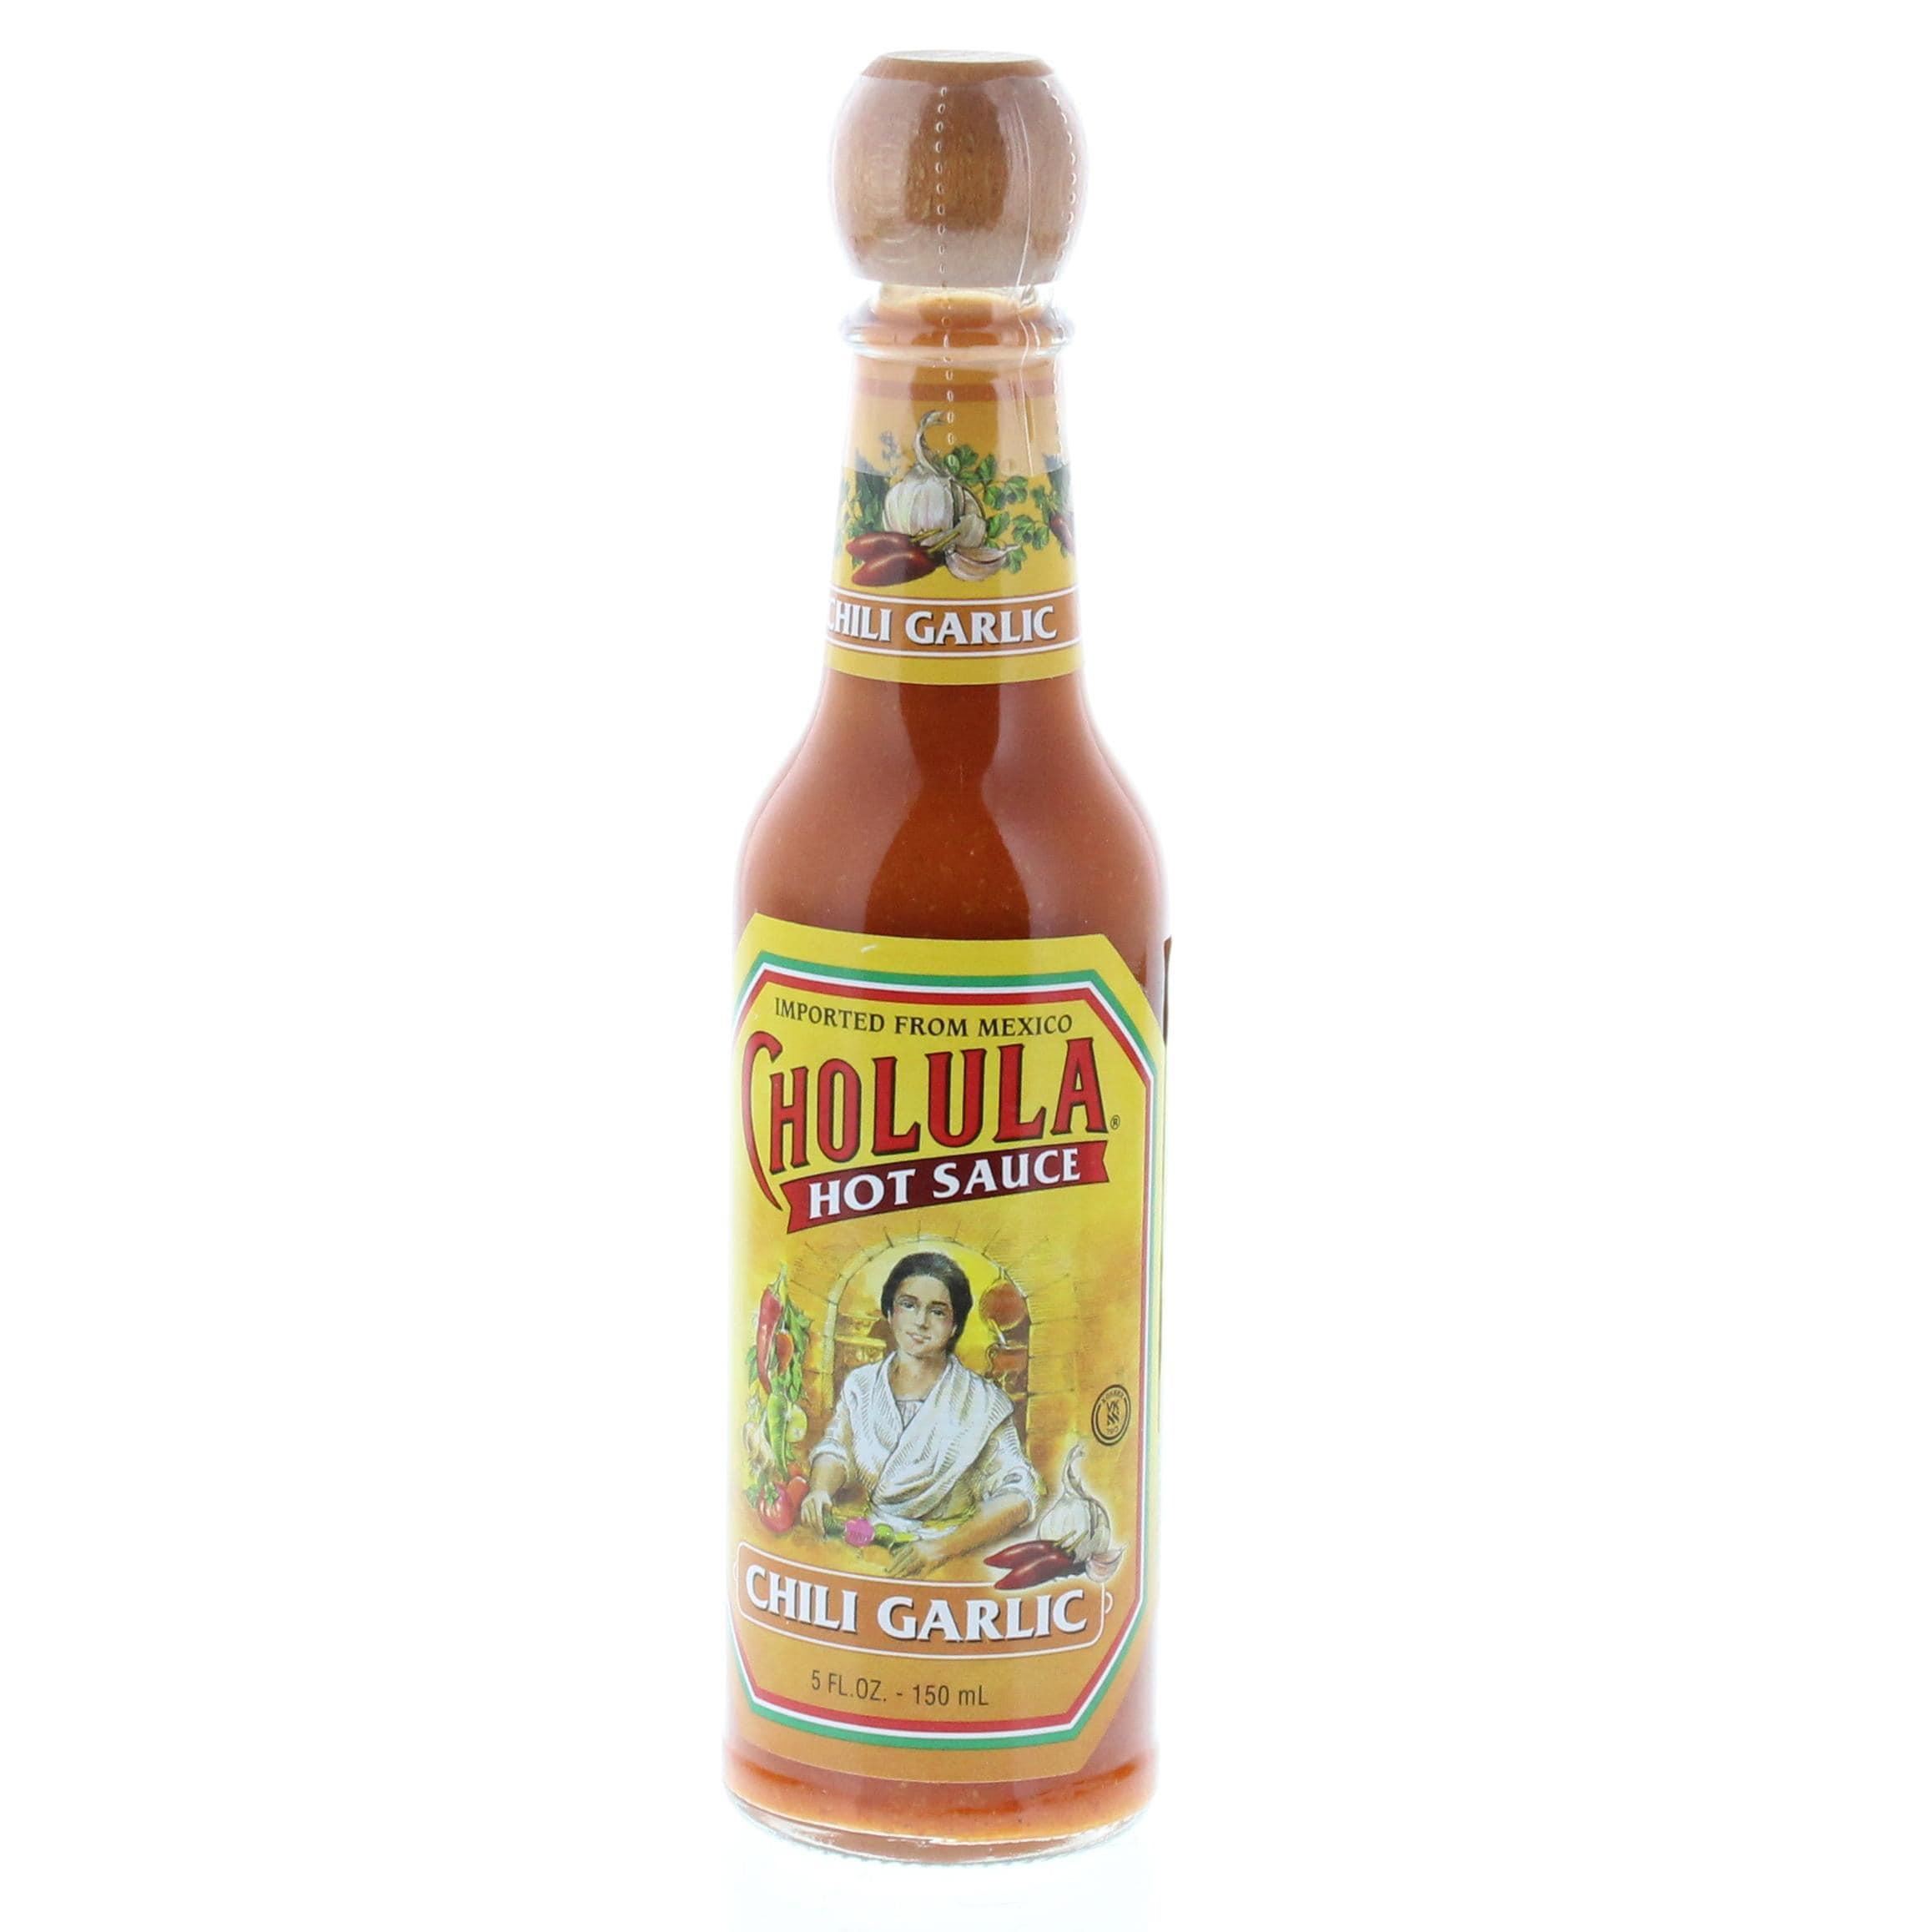 Cholula - Chili Garlic Sauce - 150ml